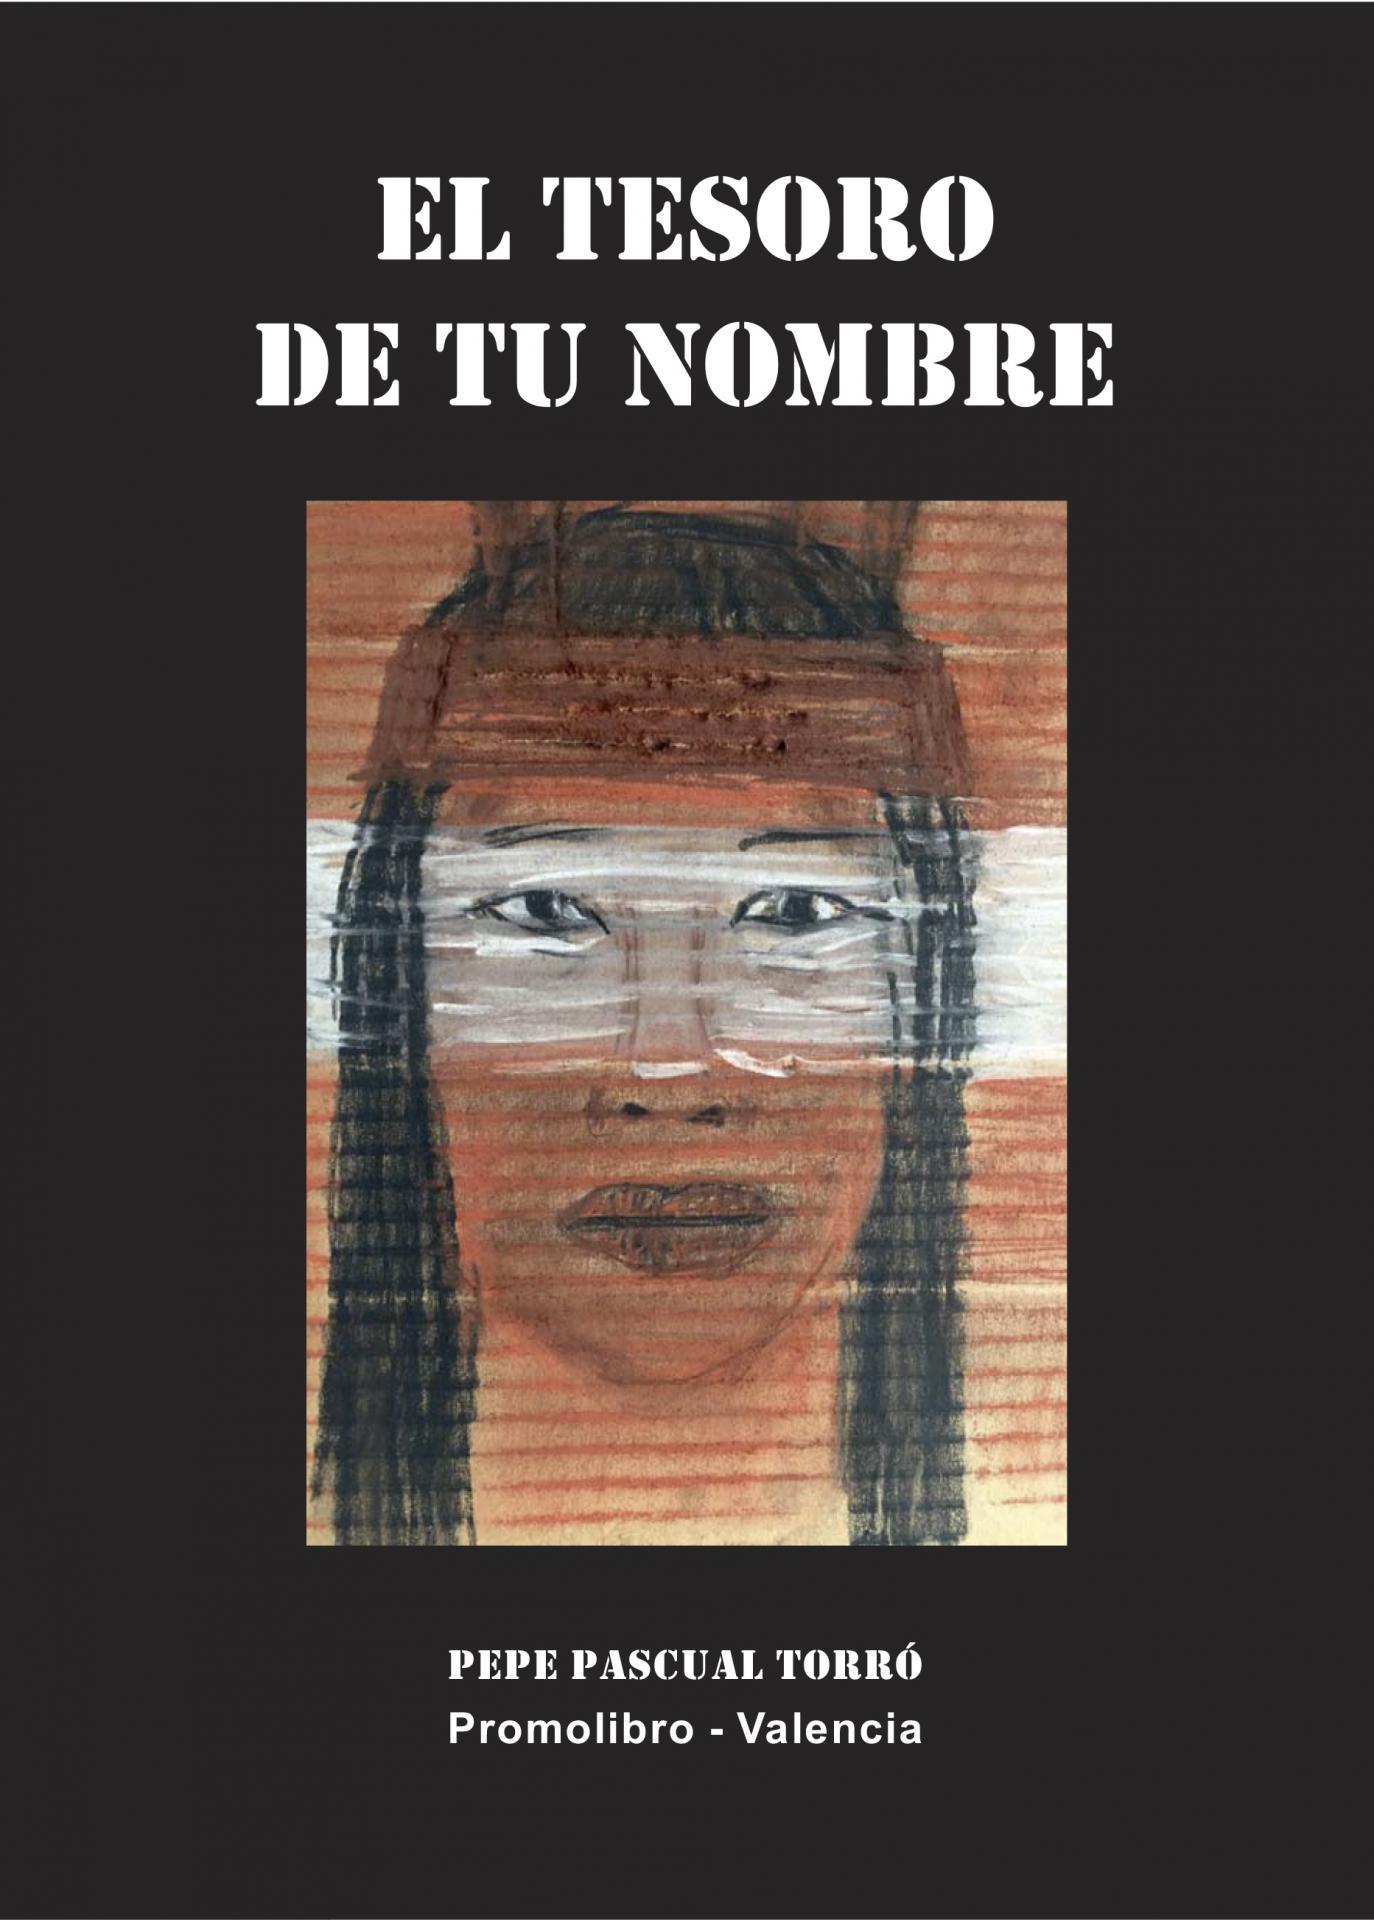 EL TESORO DE TU NOMBRE. Relato de una búsqueda en la selva amazónica del río Ucayali. (VERSIÓN DESCARGABLE)